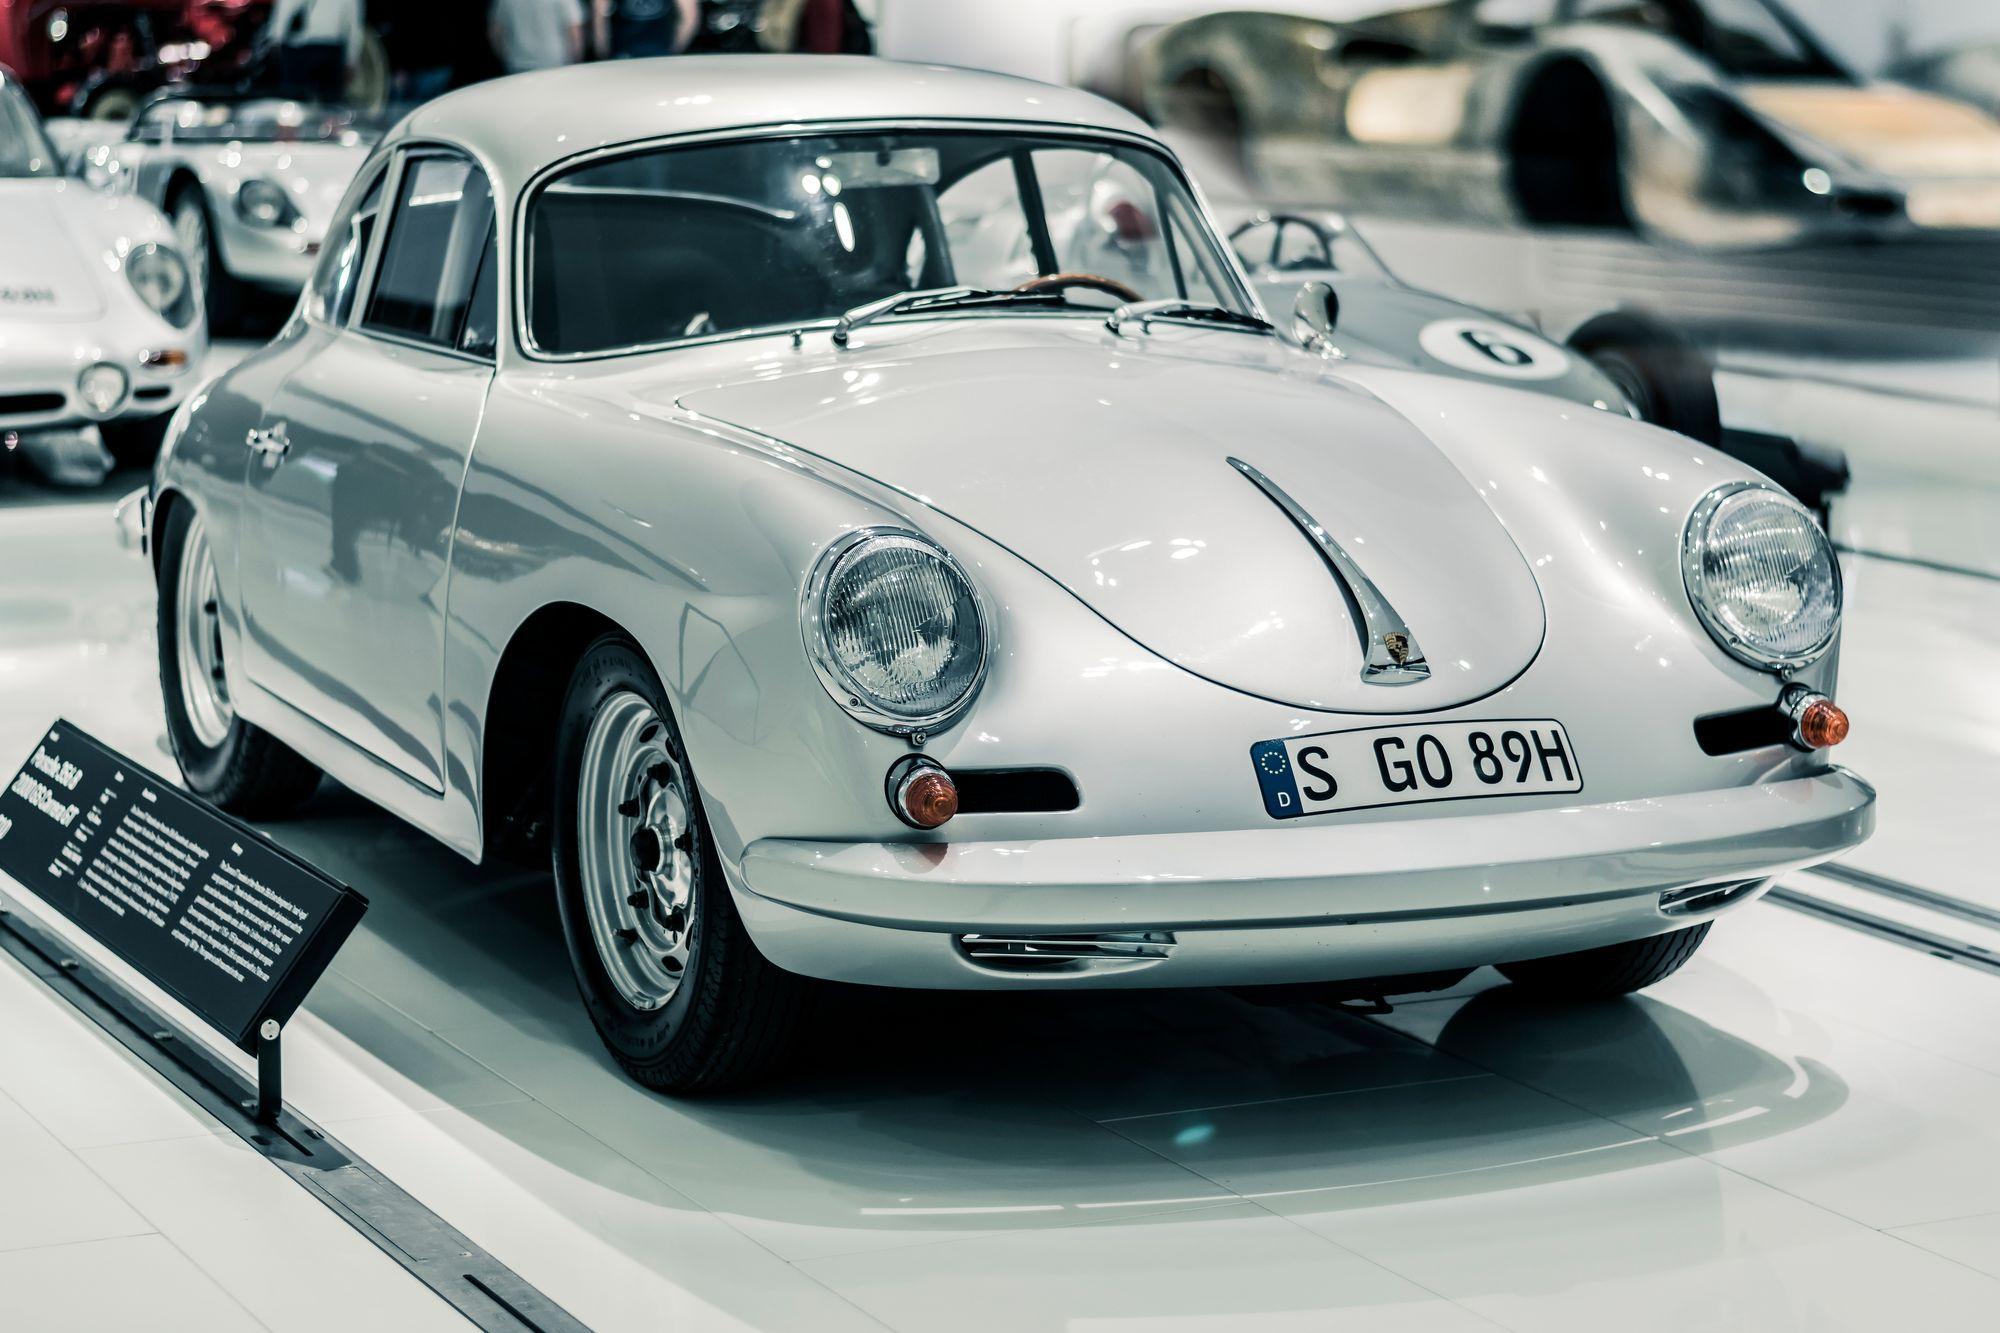 λευκό σπορ αυτοκίνητο σε μουσειακό χώρο